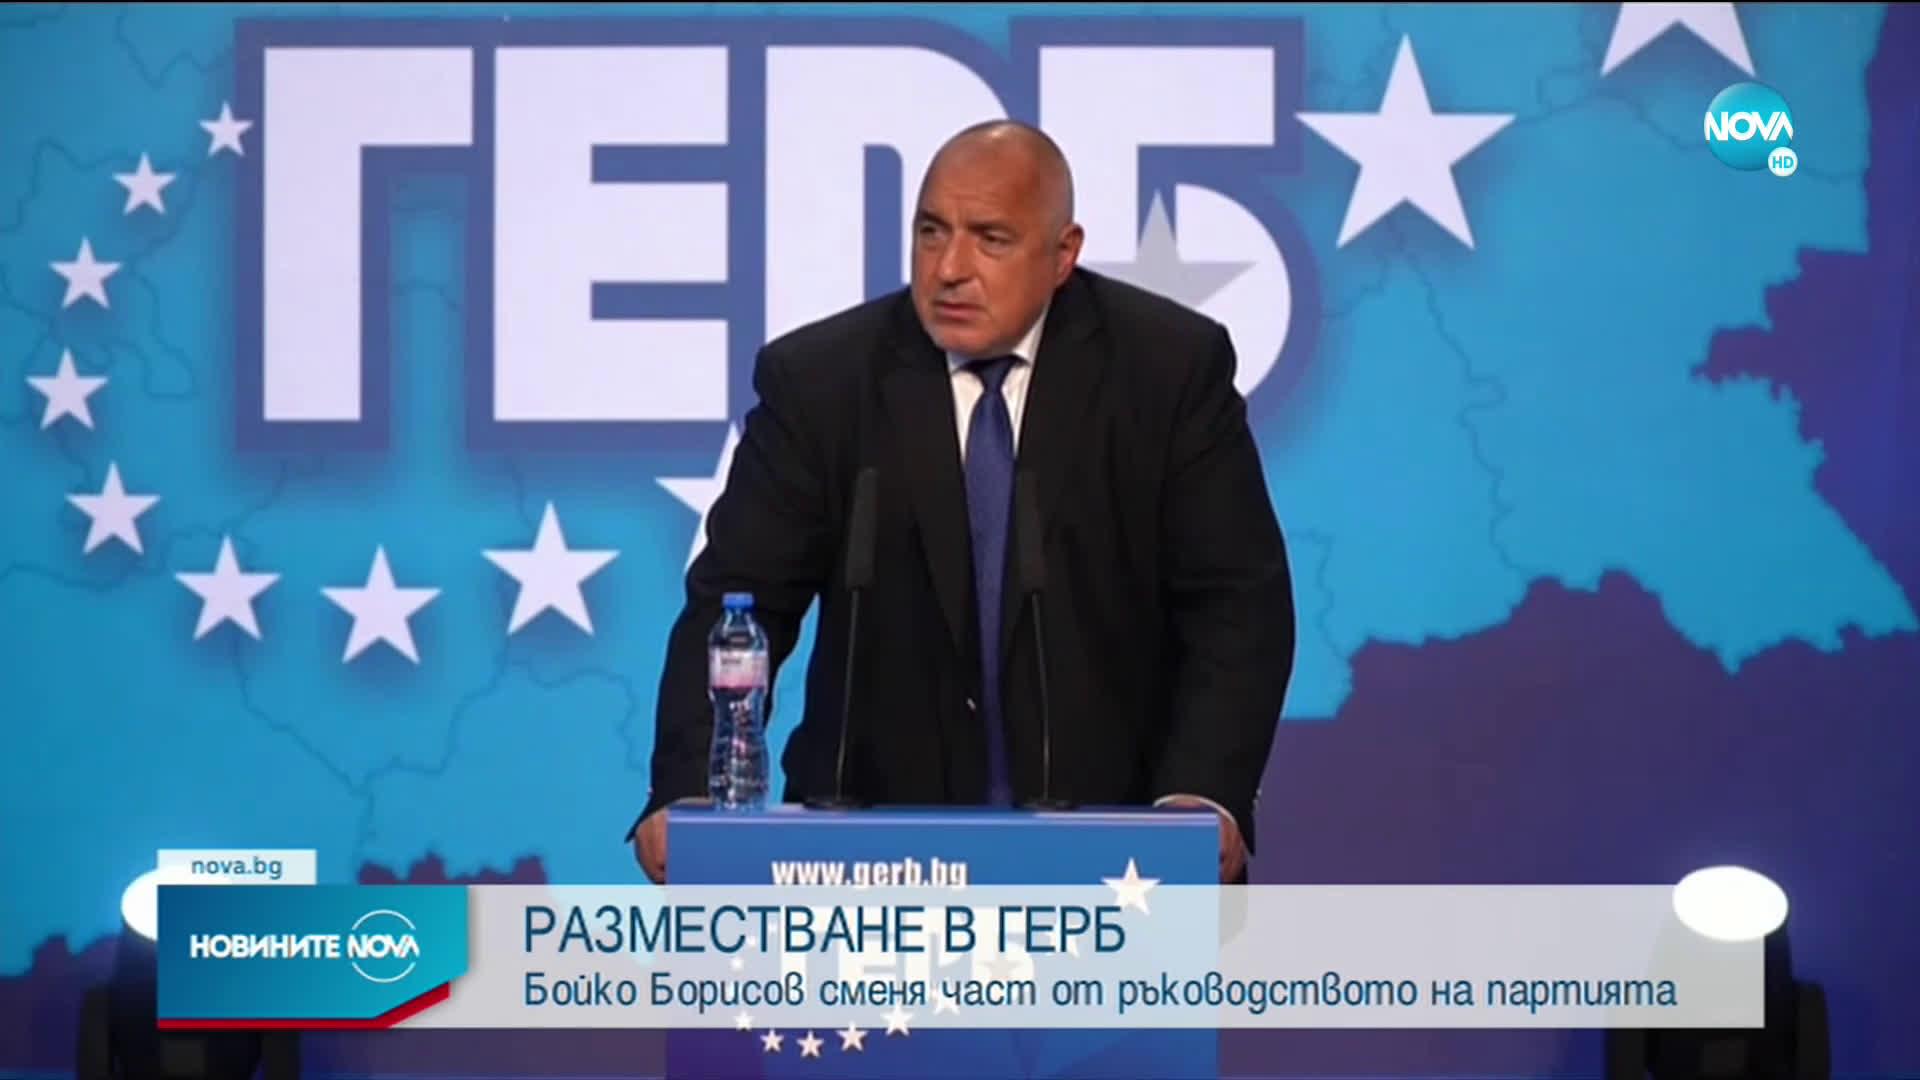 Дончев и Митов сменят Фандъкова и Николов като зам.-председатели на ГЕРБ